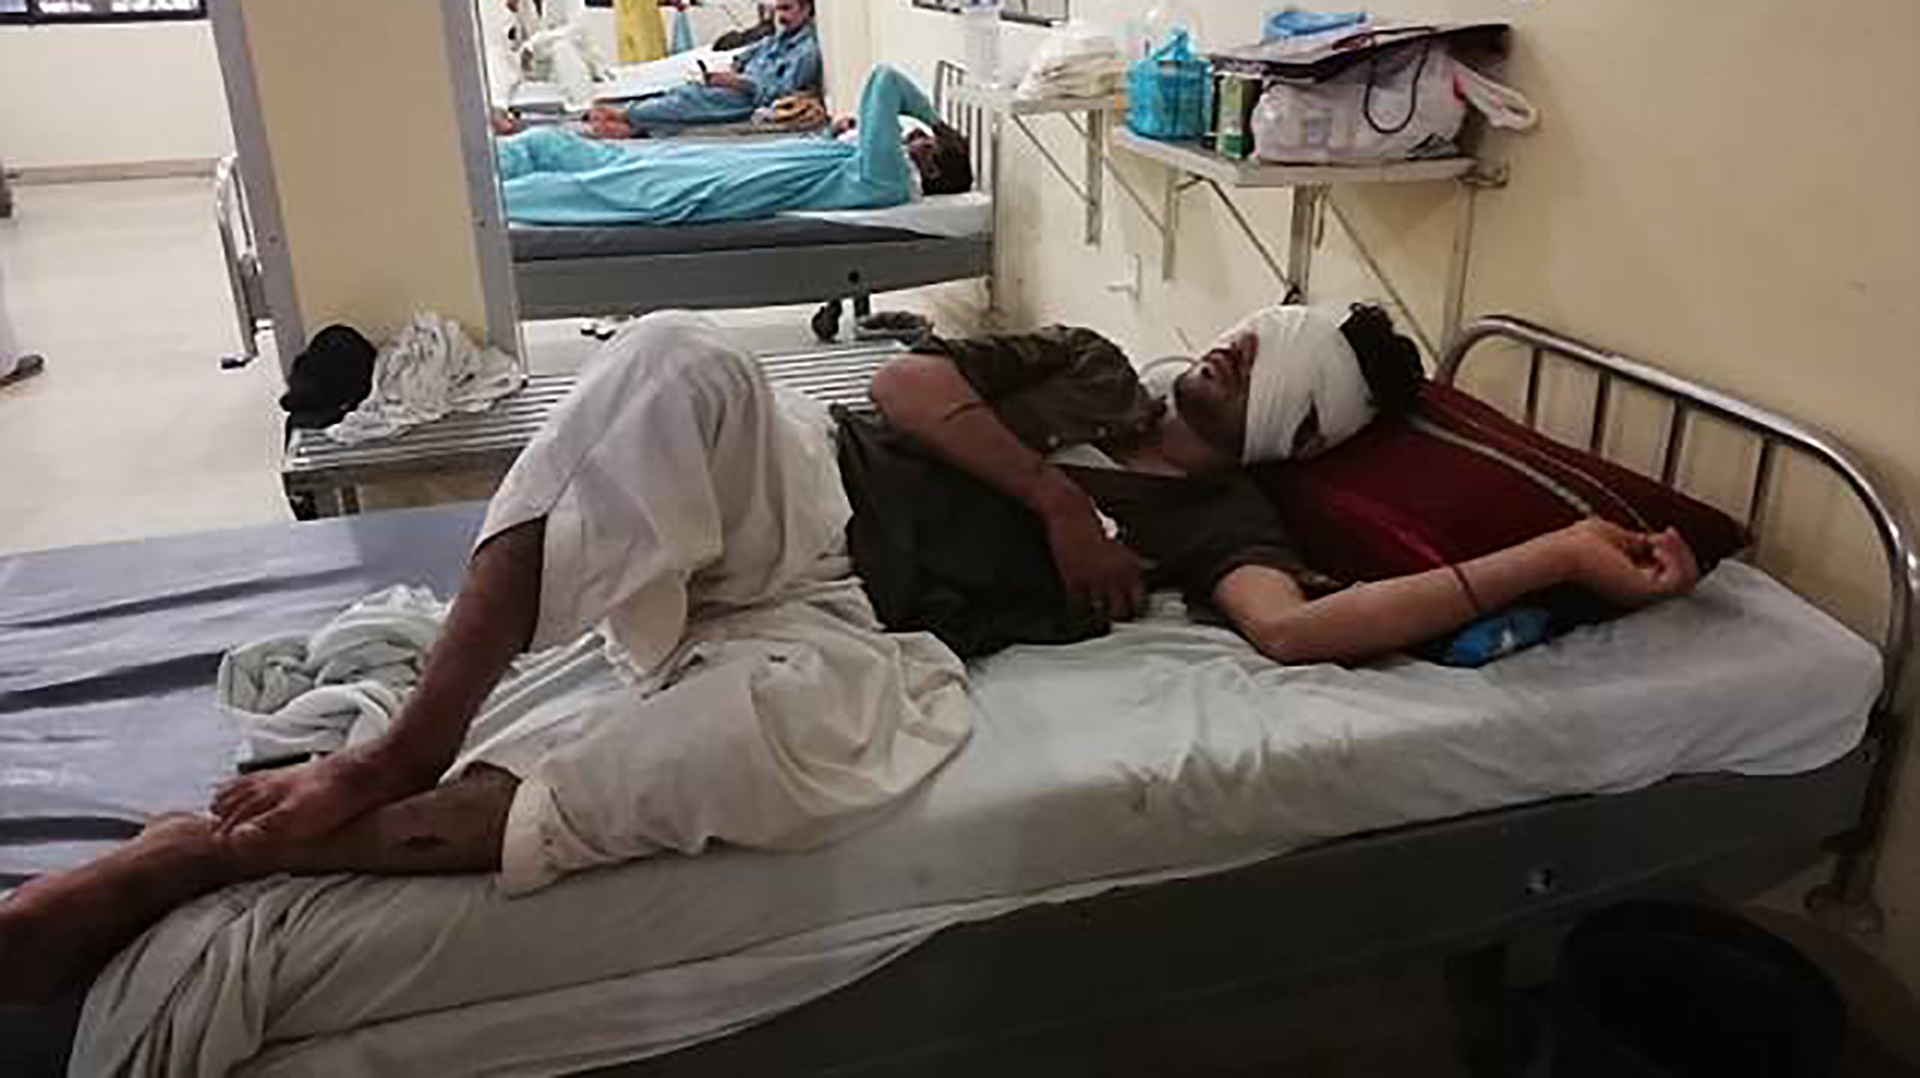 Luego de que le quitaran los dos ojos, Badiq pidió a su padre y hermanos que lo mataran (Caters New Agency)